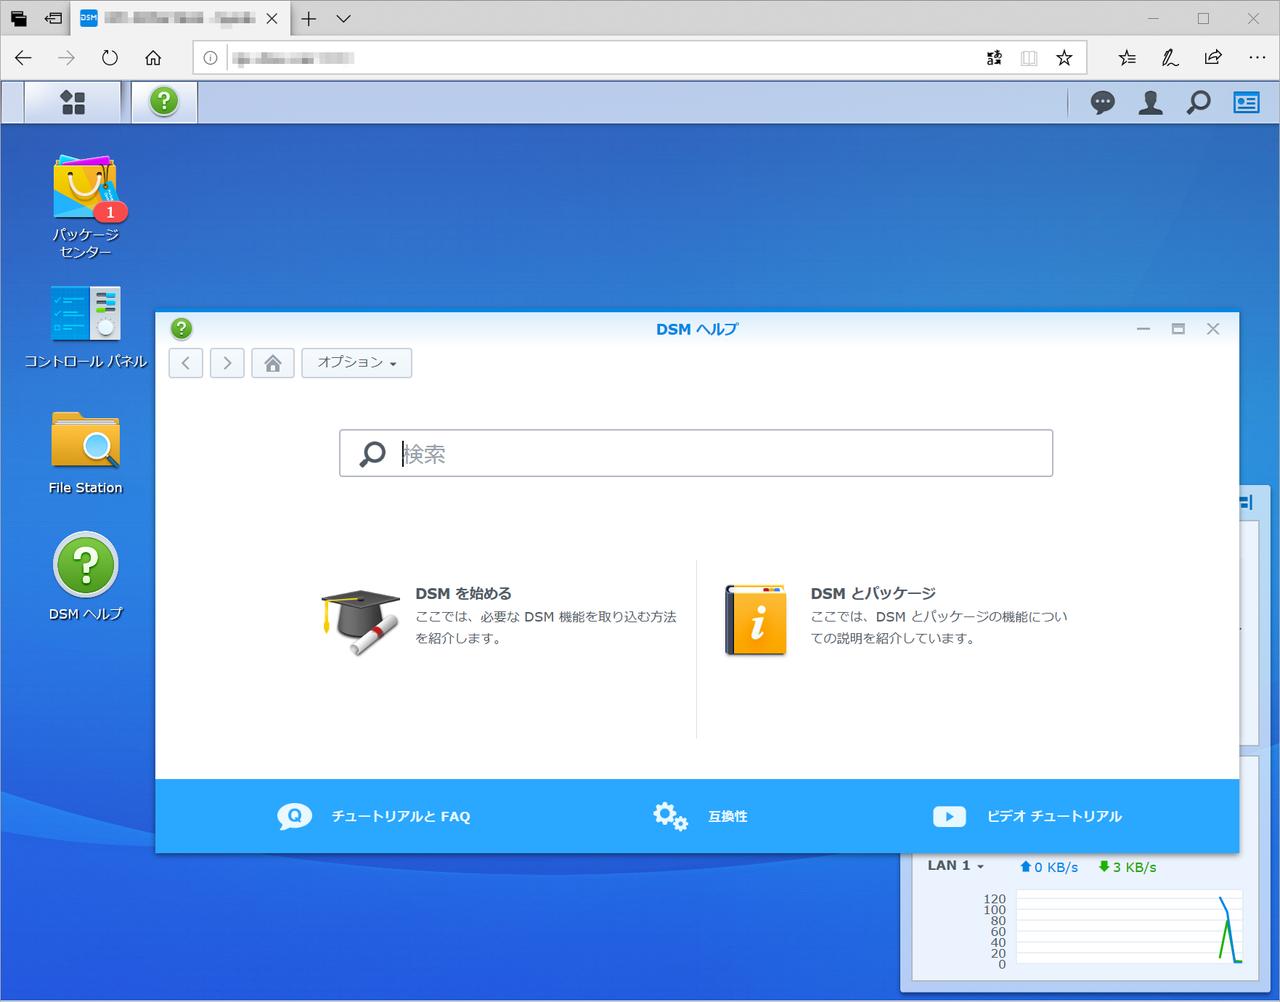 NASの設定は、同じネットワーク上にあるPCのウェブブラウザーを介して行なう。これは手順の1番目が完了した直後の画面だ。ここまで進んだら、NAS上のファイル管理を行なう「File Station」を開き、ストレージの初期設定をスタートする